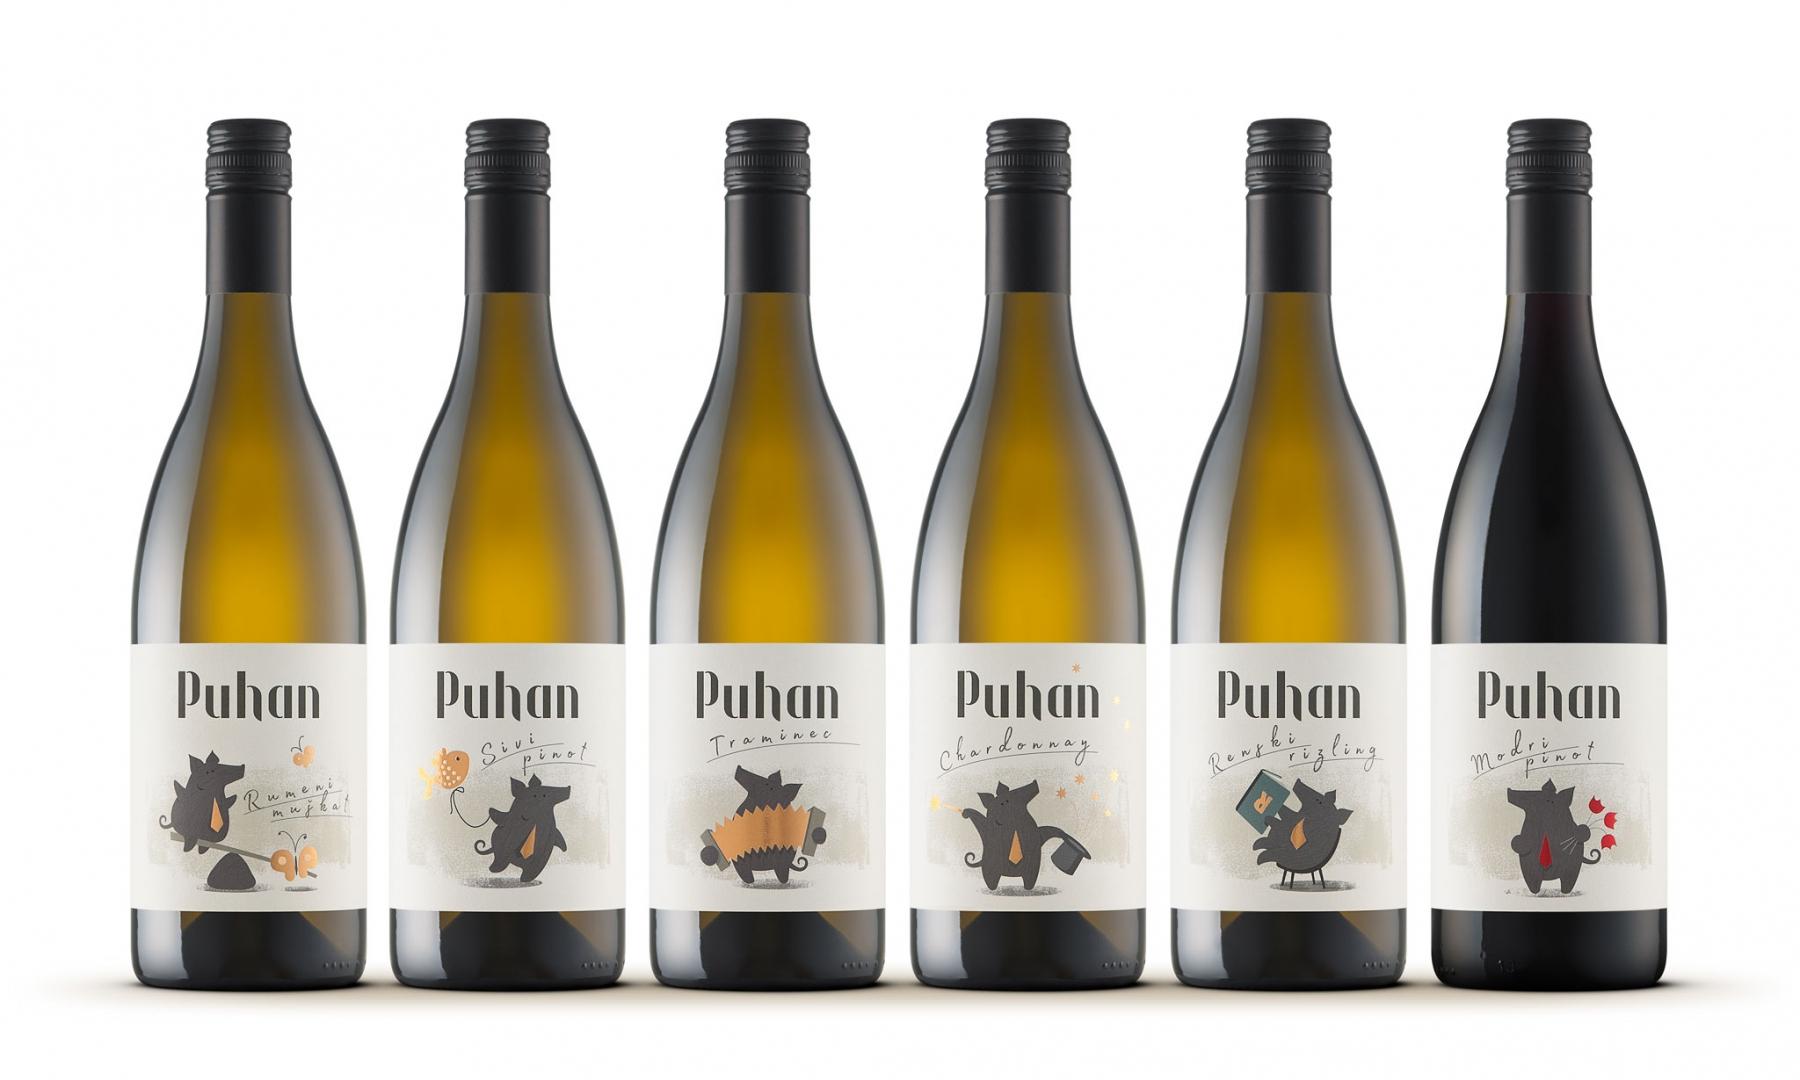 Vina Puhan: vsaka etiketa ima svojo prepoznavno asociativno ilustracijo